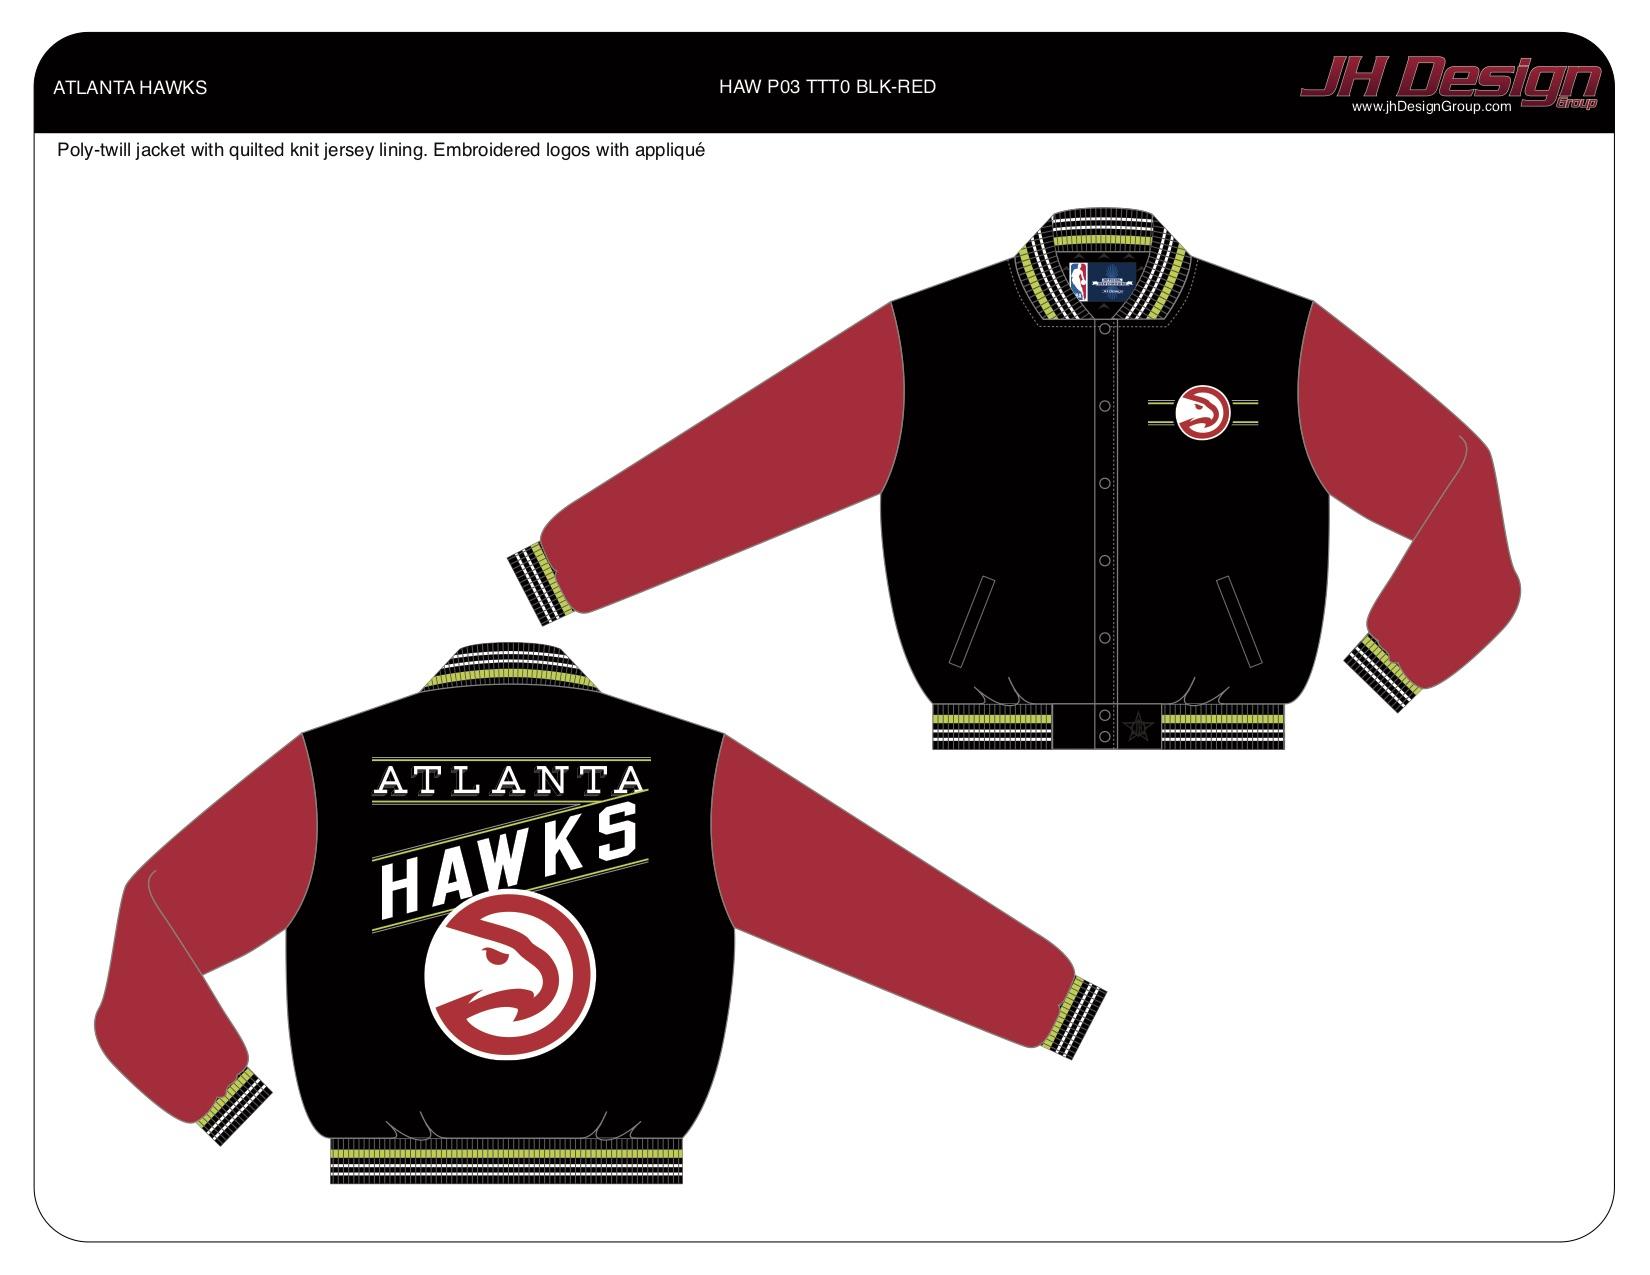 HAW P03 TTT0 BLK-RED